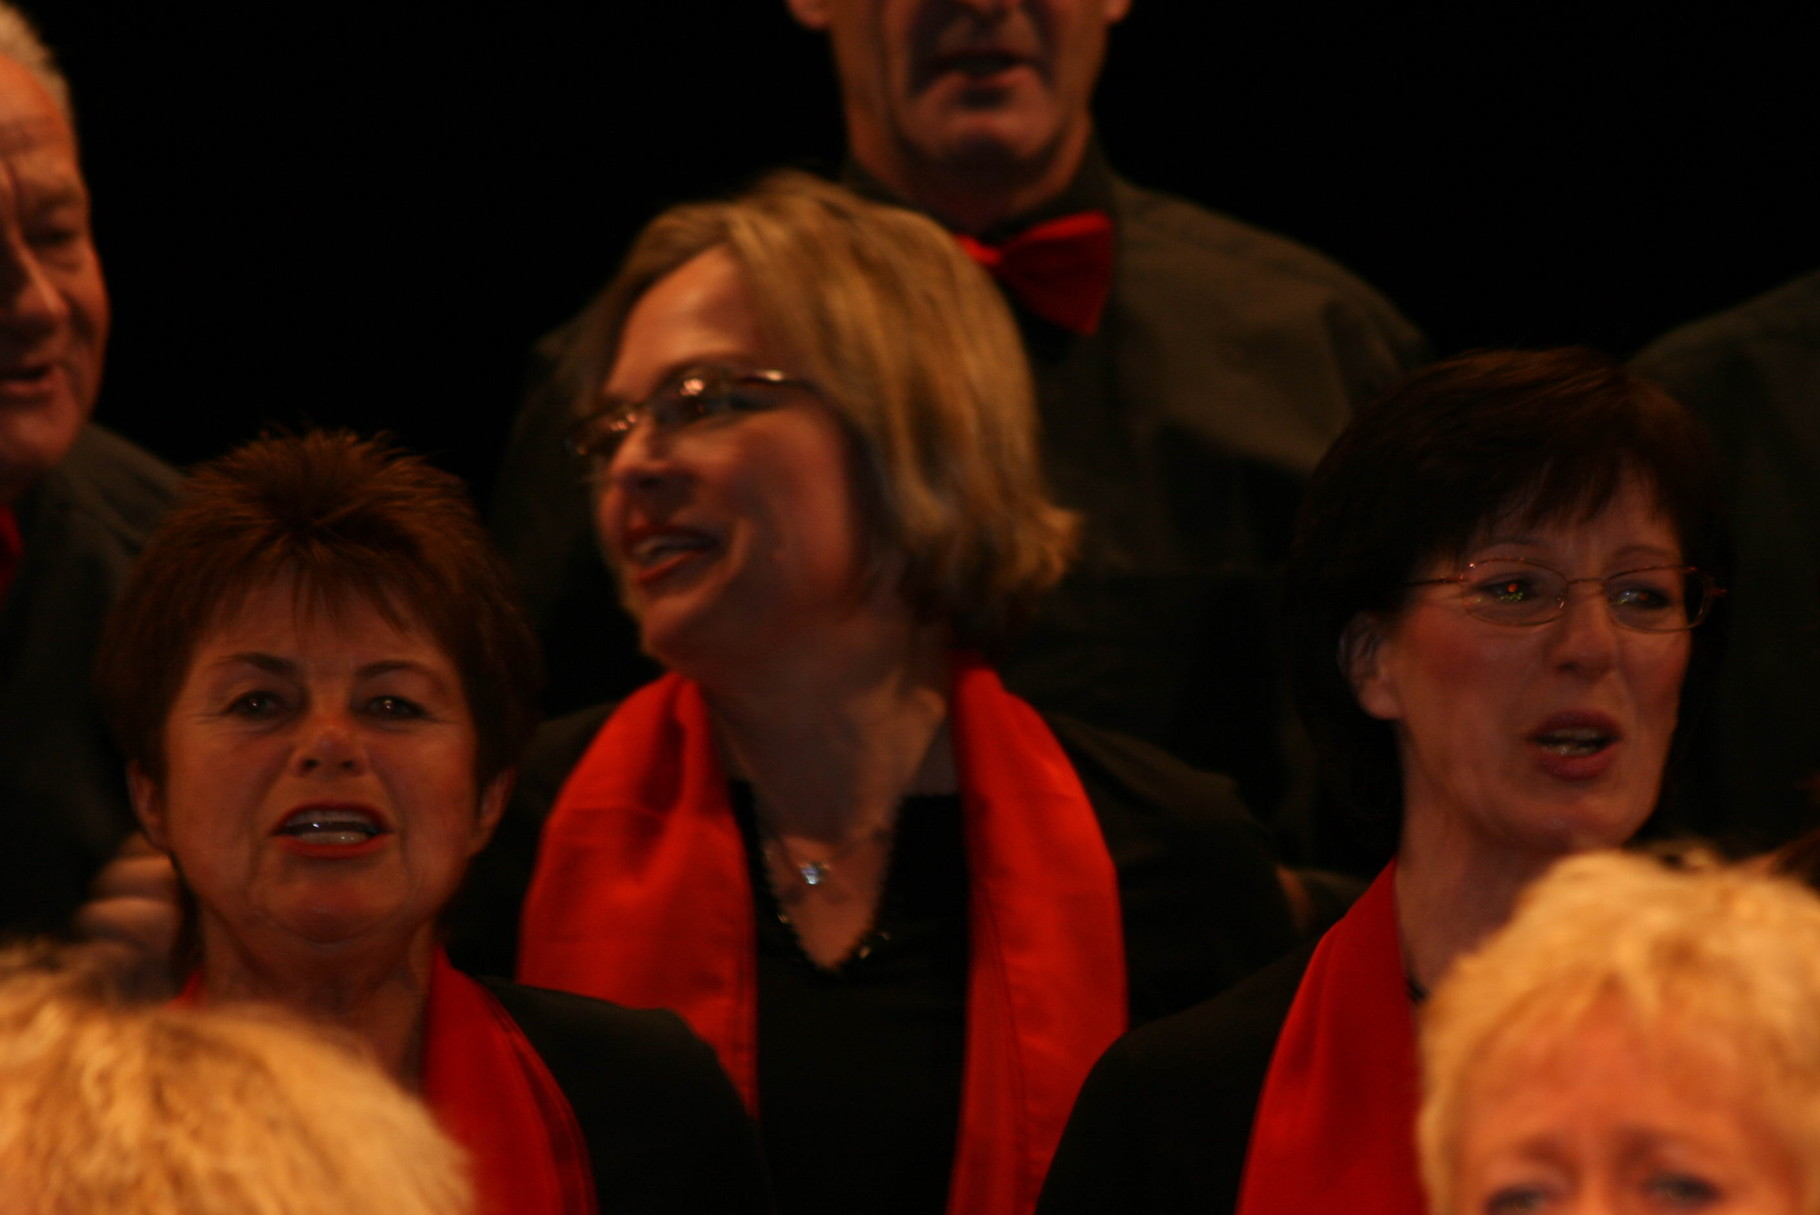 RockPop2001 - Universität Johannesburg Südafrika - Theatersaal - 2007